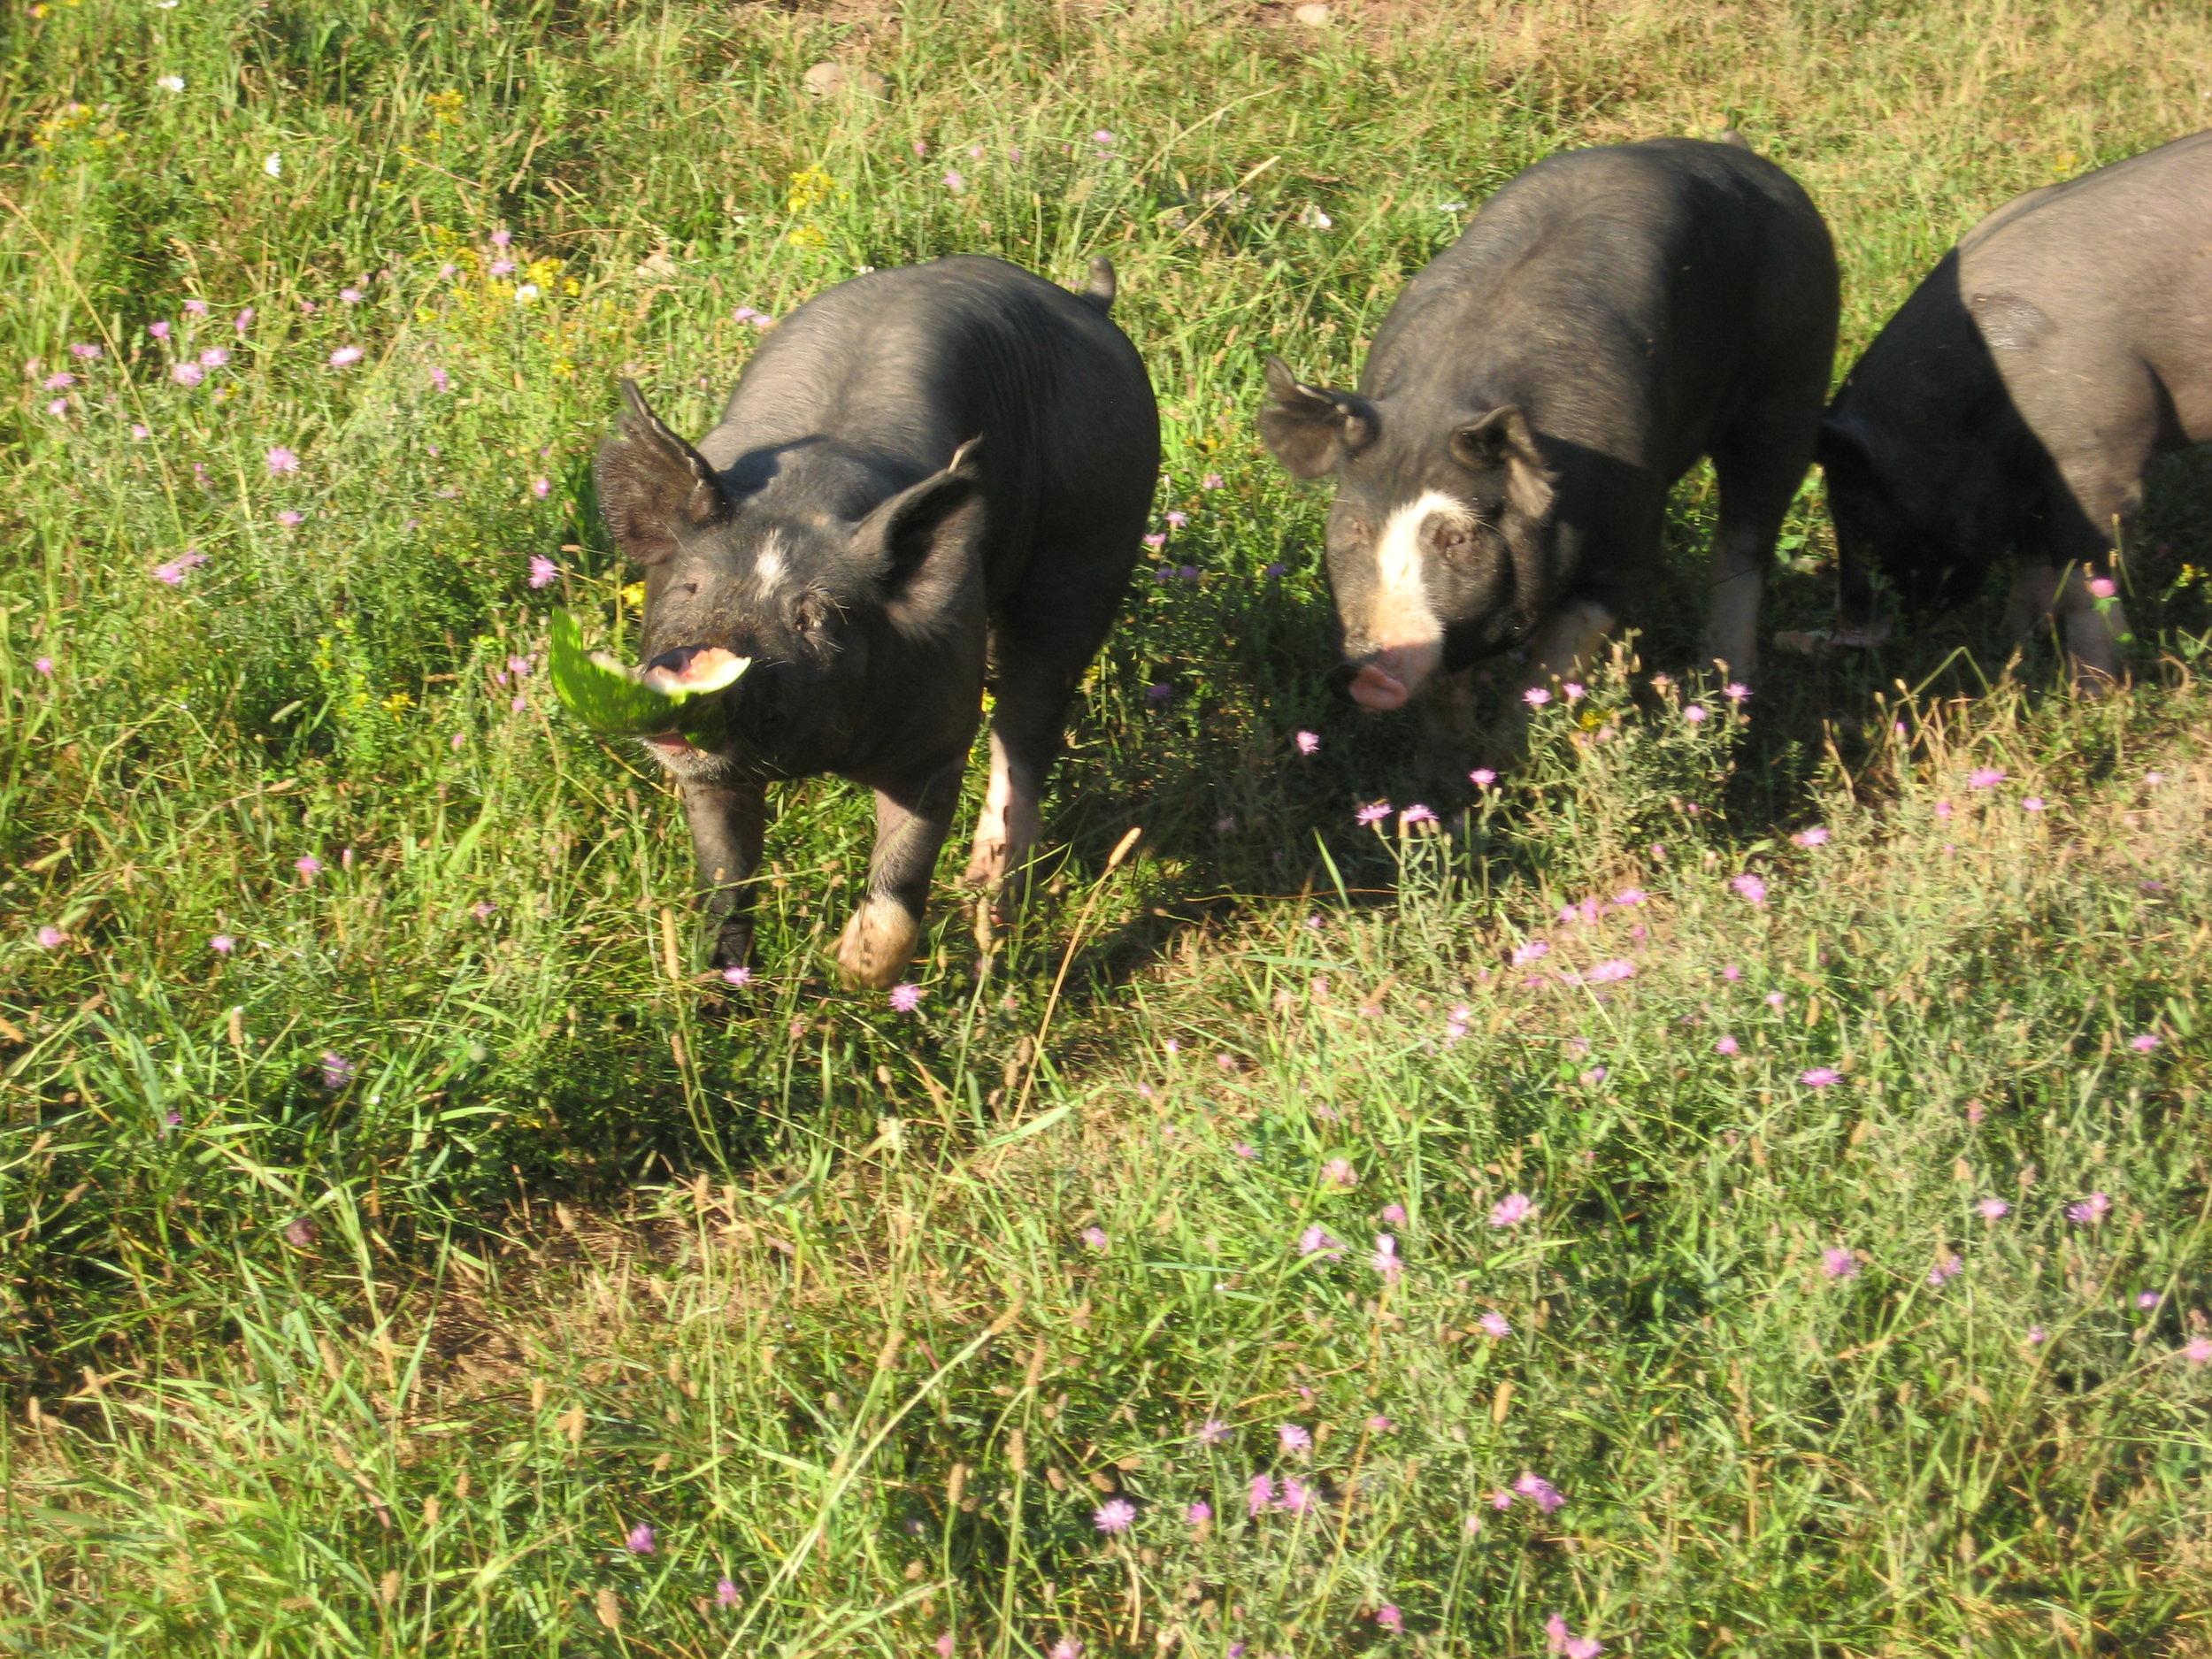 pasture raised hogs.jpg